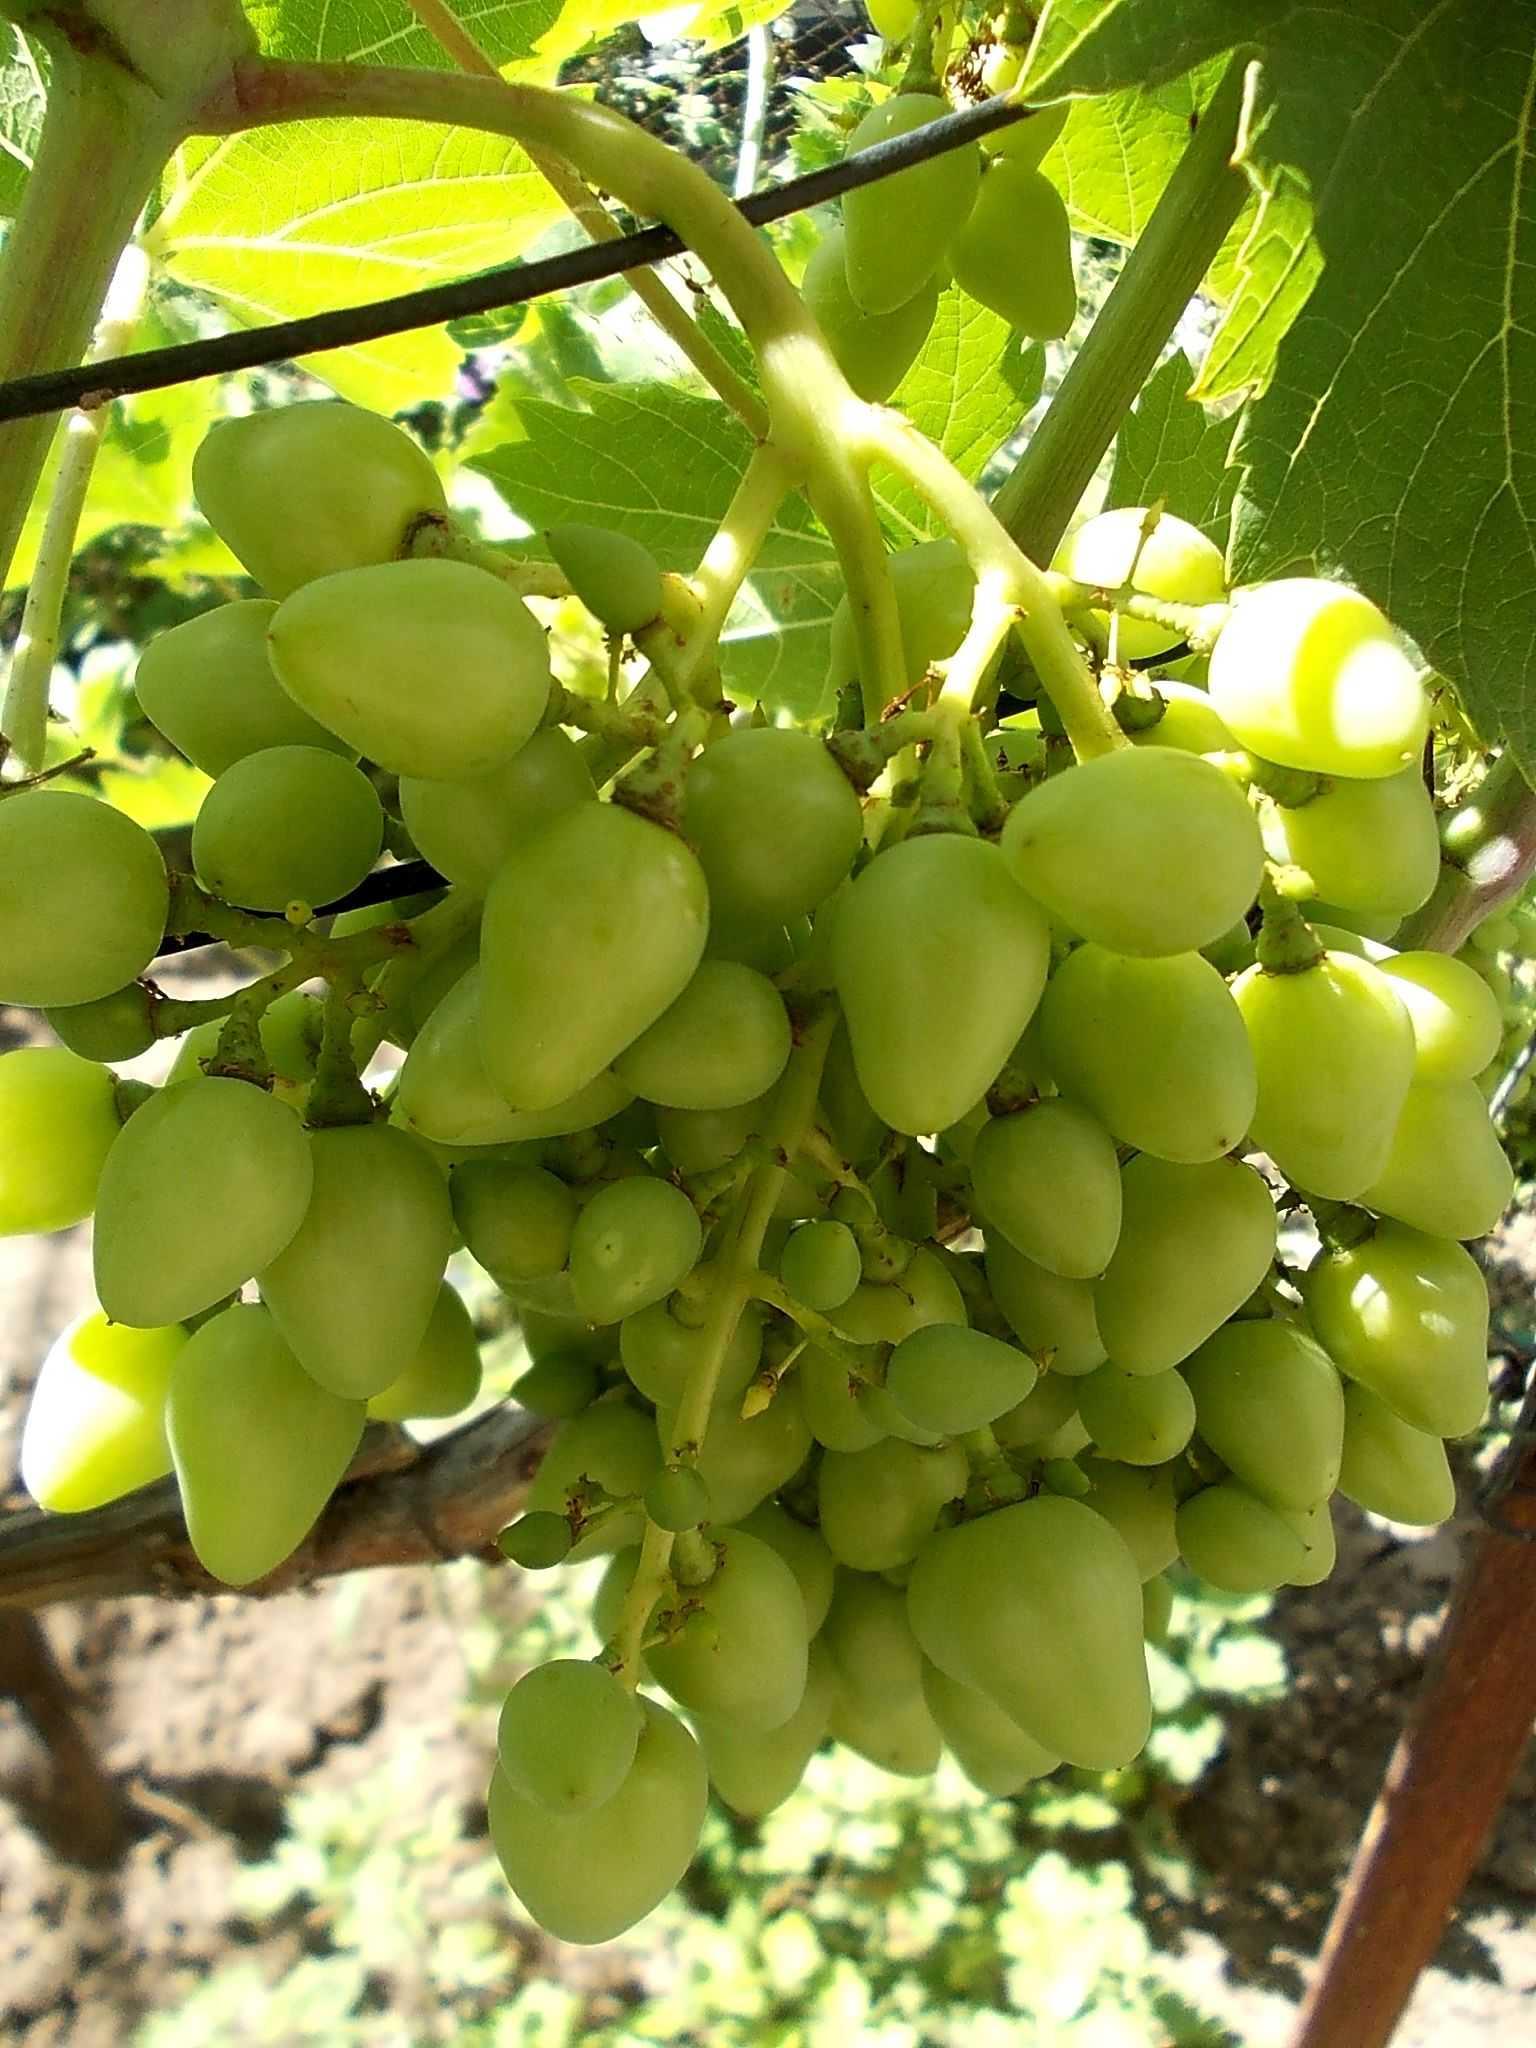 Описание и фото винограда сорта аркадия что этой